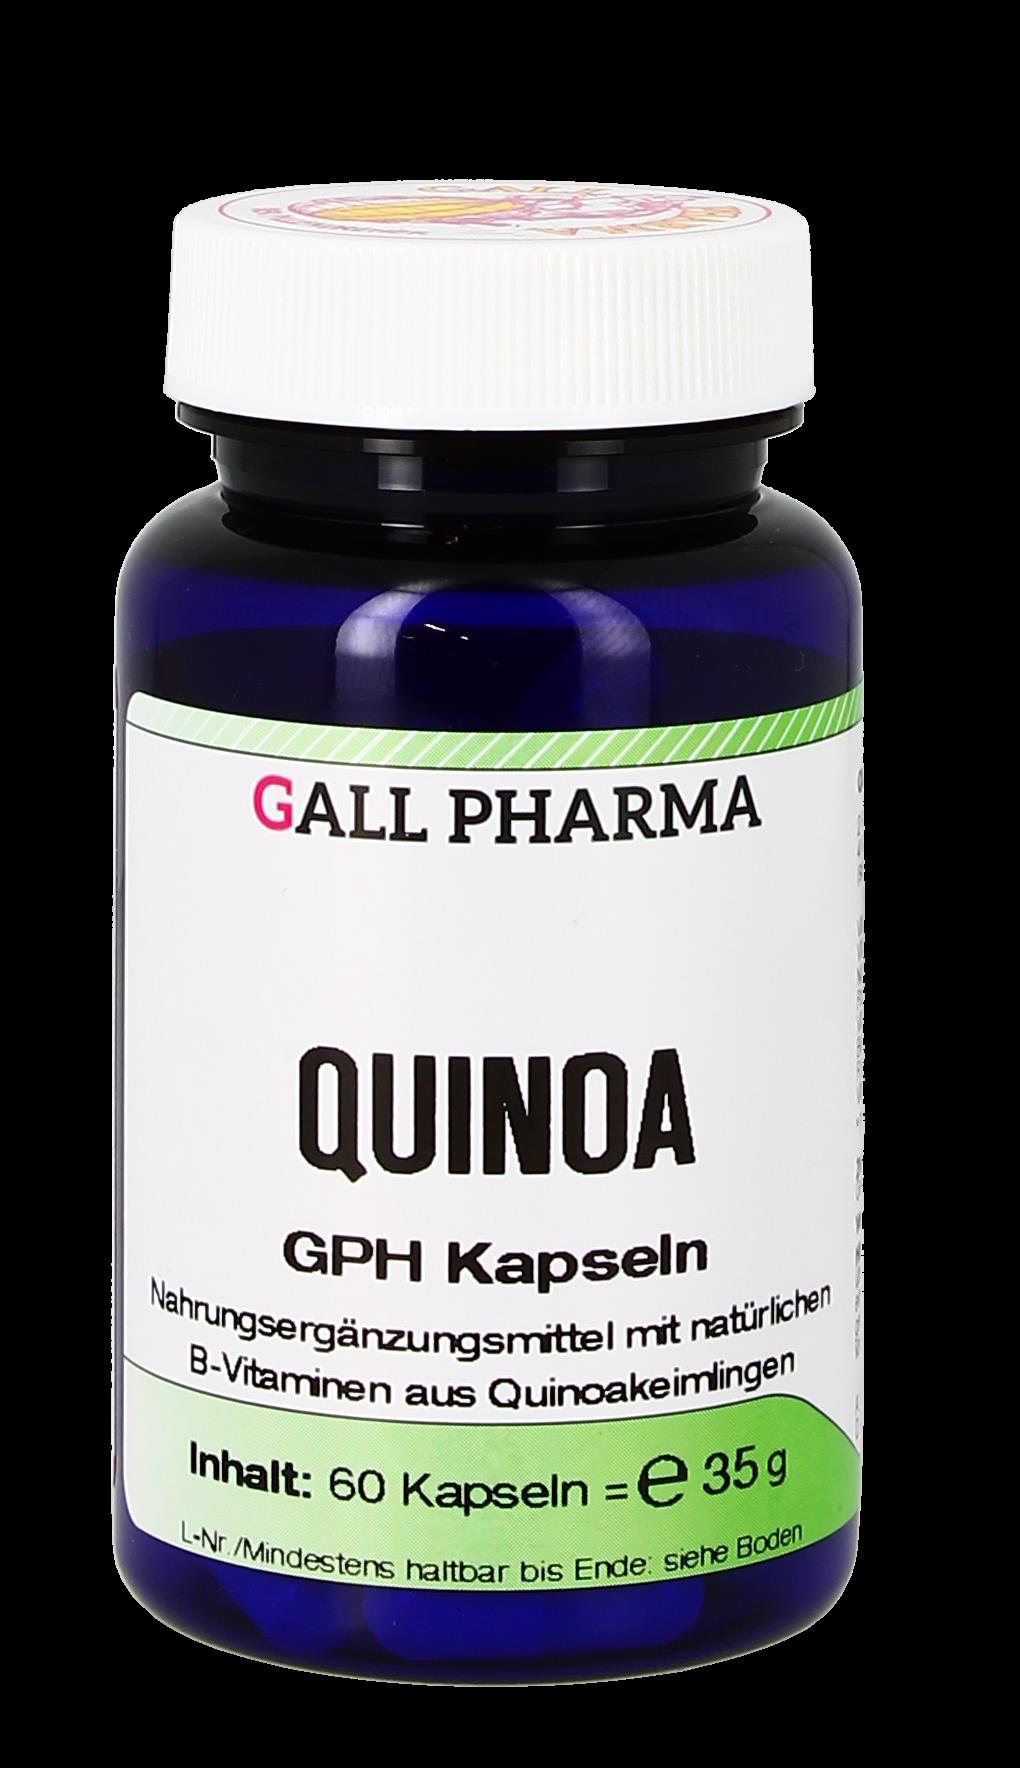 Quinoa GPH Kapseln